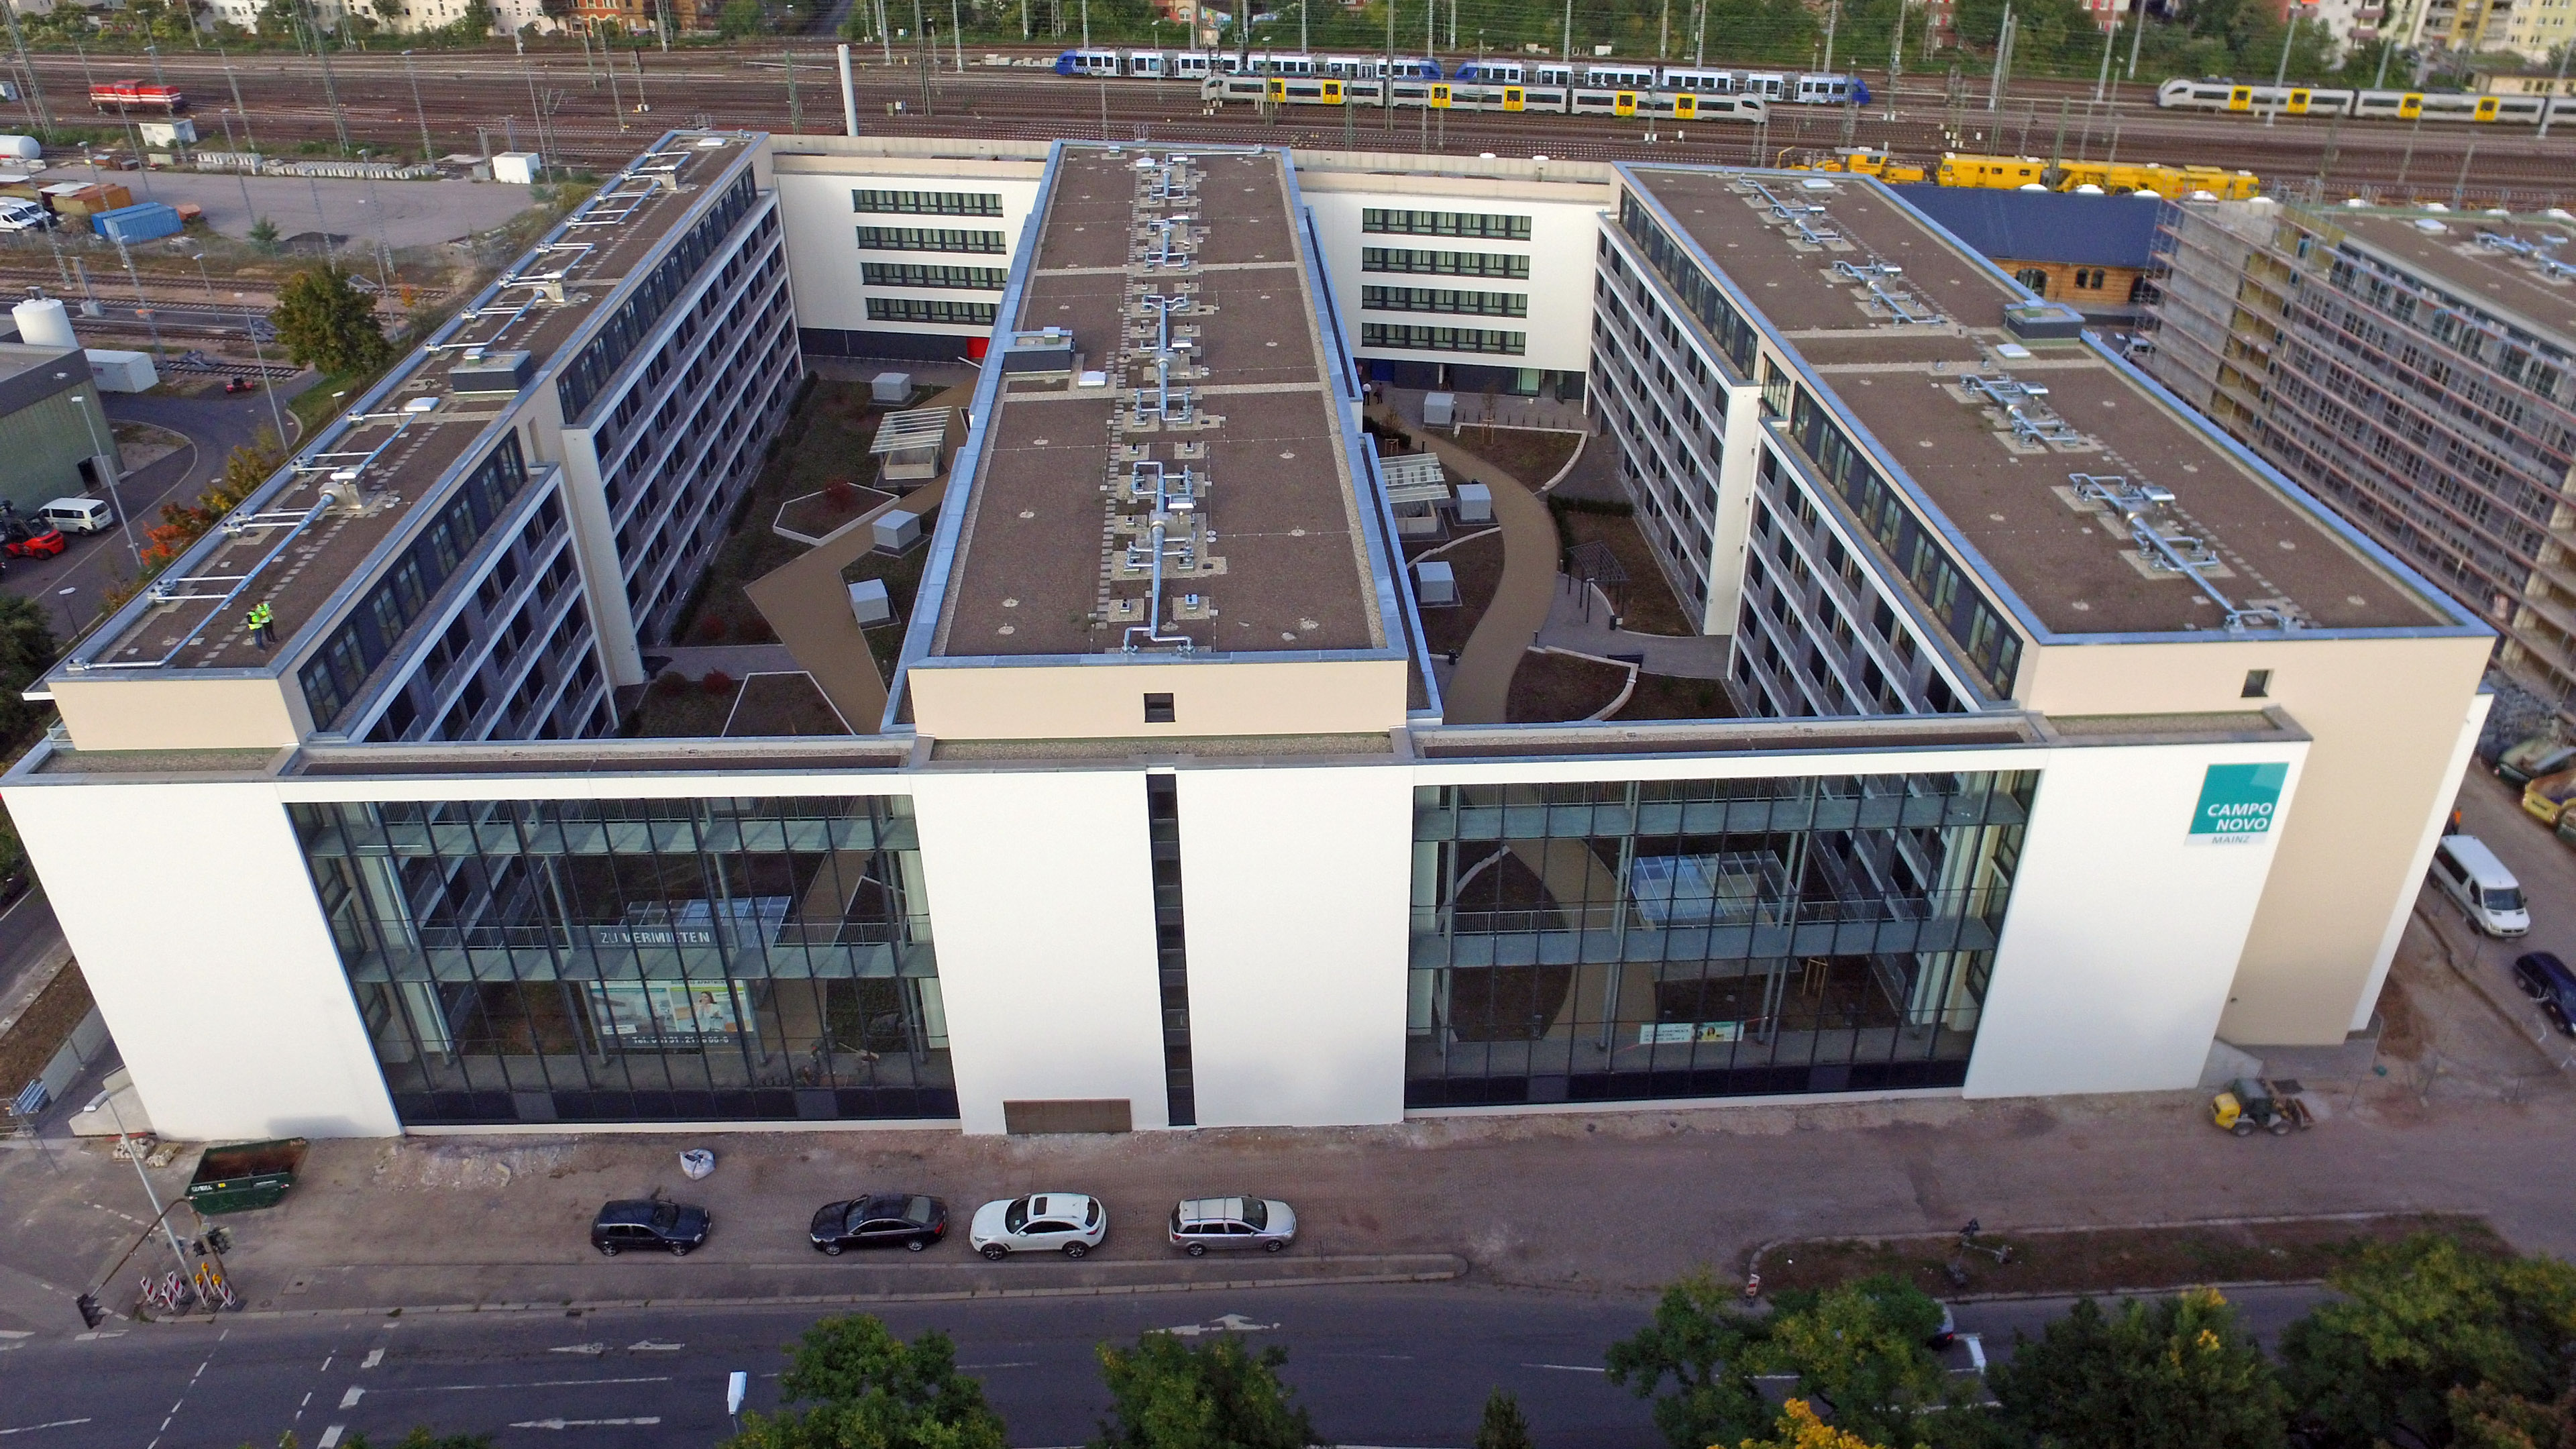 Schallschutzfassaden aus Stahl und Glas in Mainz. Luftaufnahme.